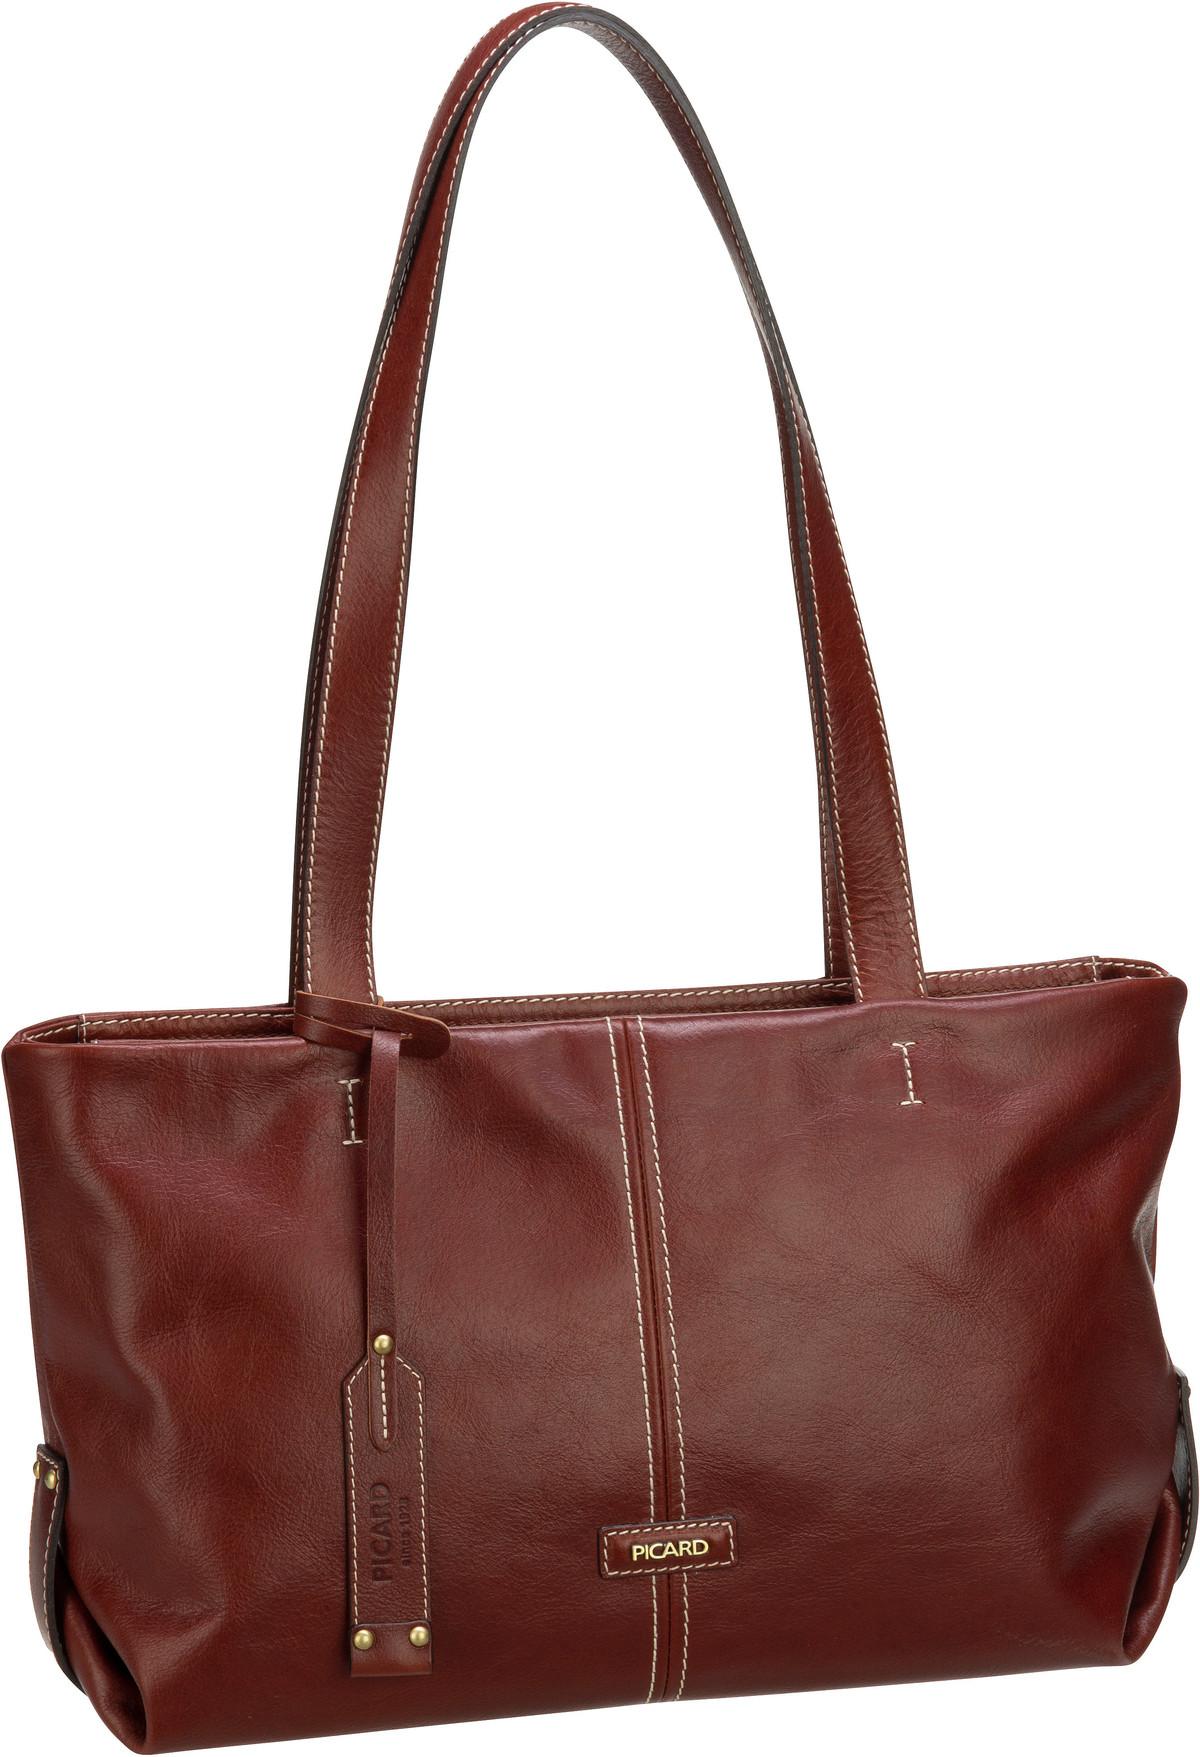 Handtasche Eternity 4956 Cognac